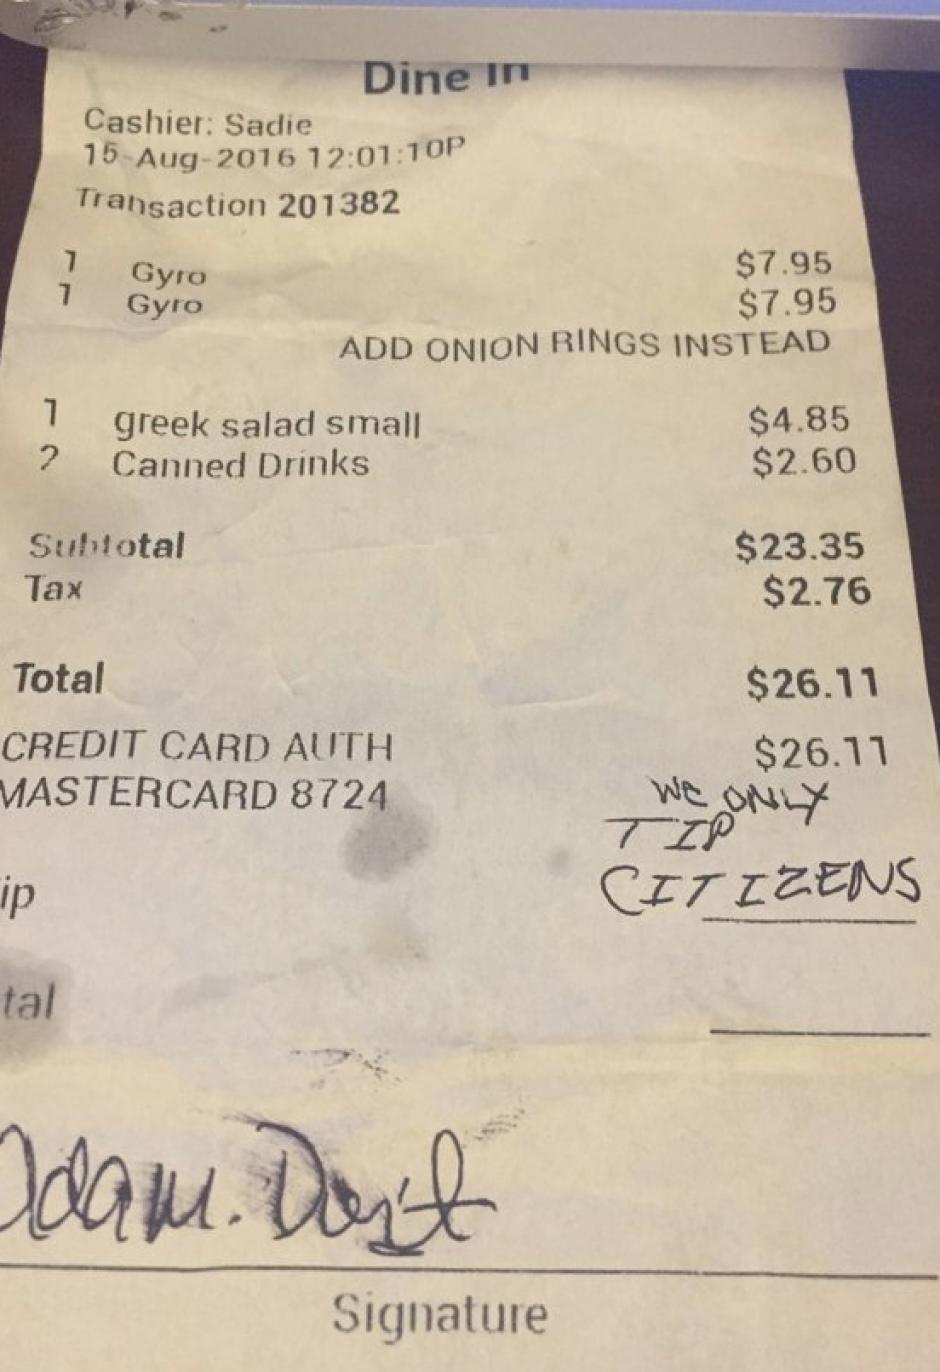 Los clientes le dejaron un comentario racista en su factura. (Foto: Huffington Post)